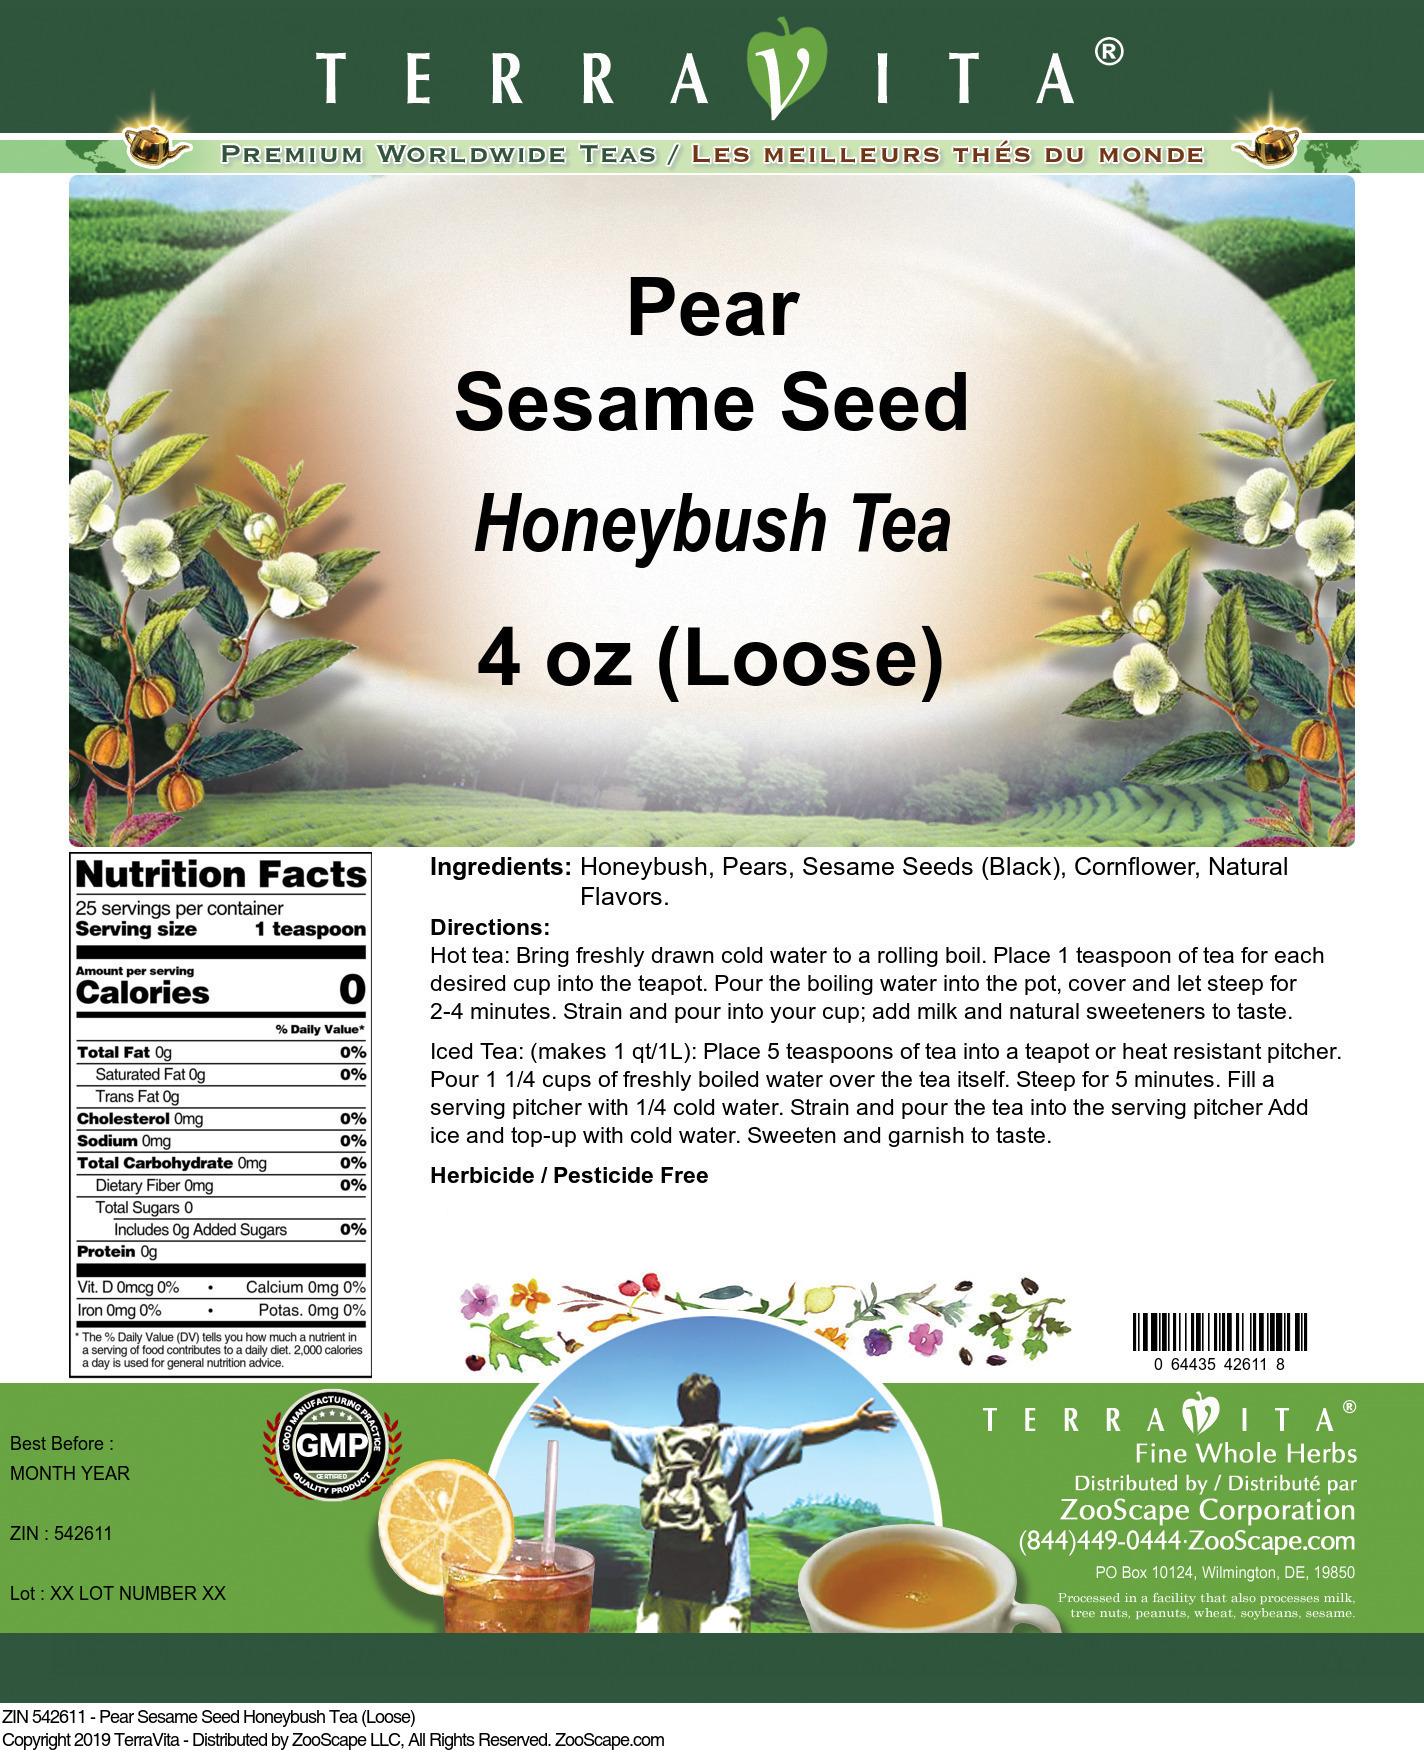 Pear Sesame Seed Honeybush Tea (Loose)